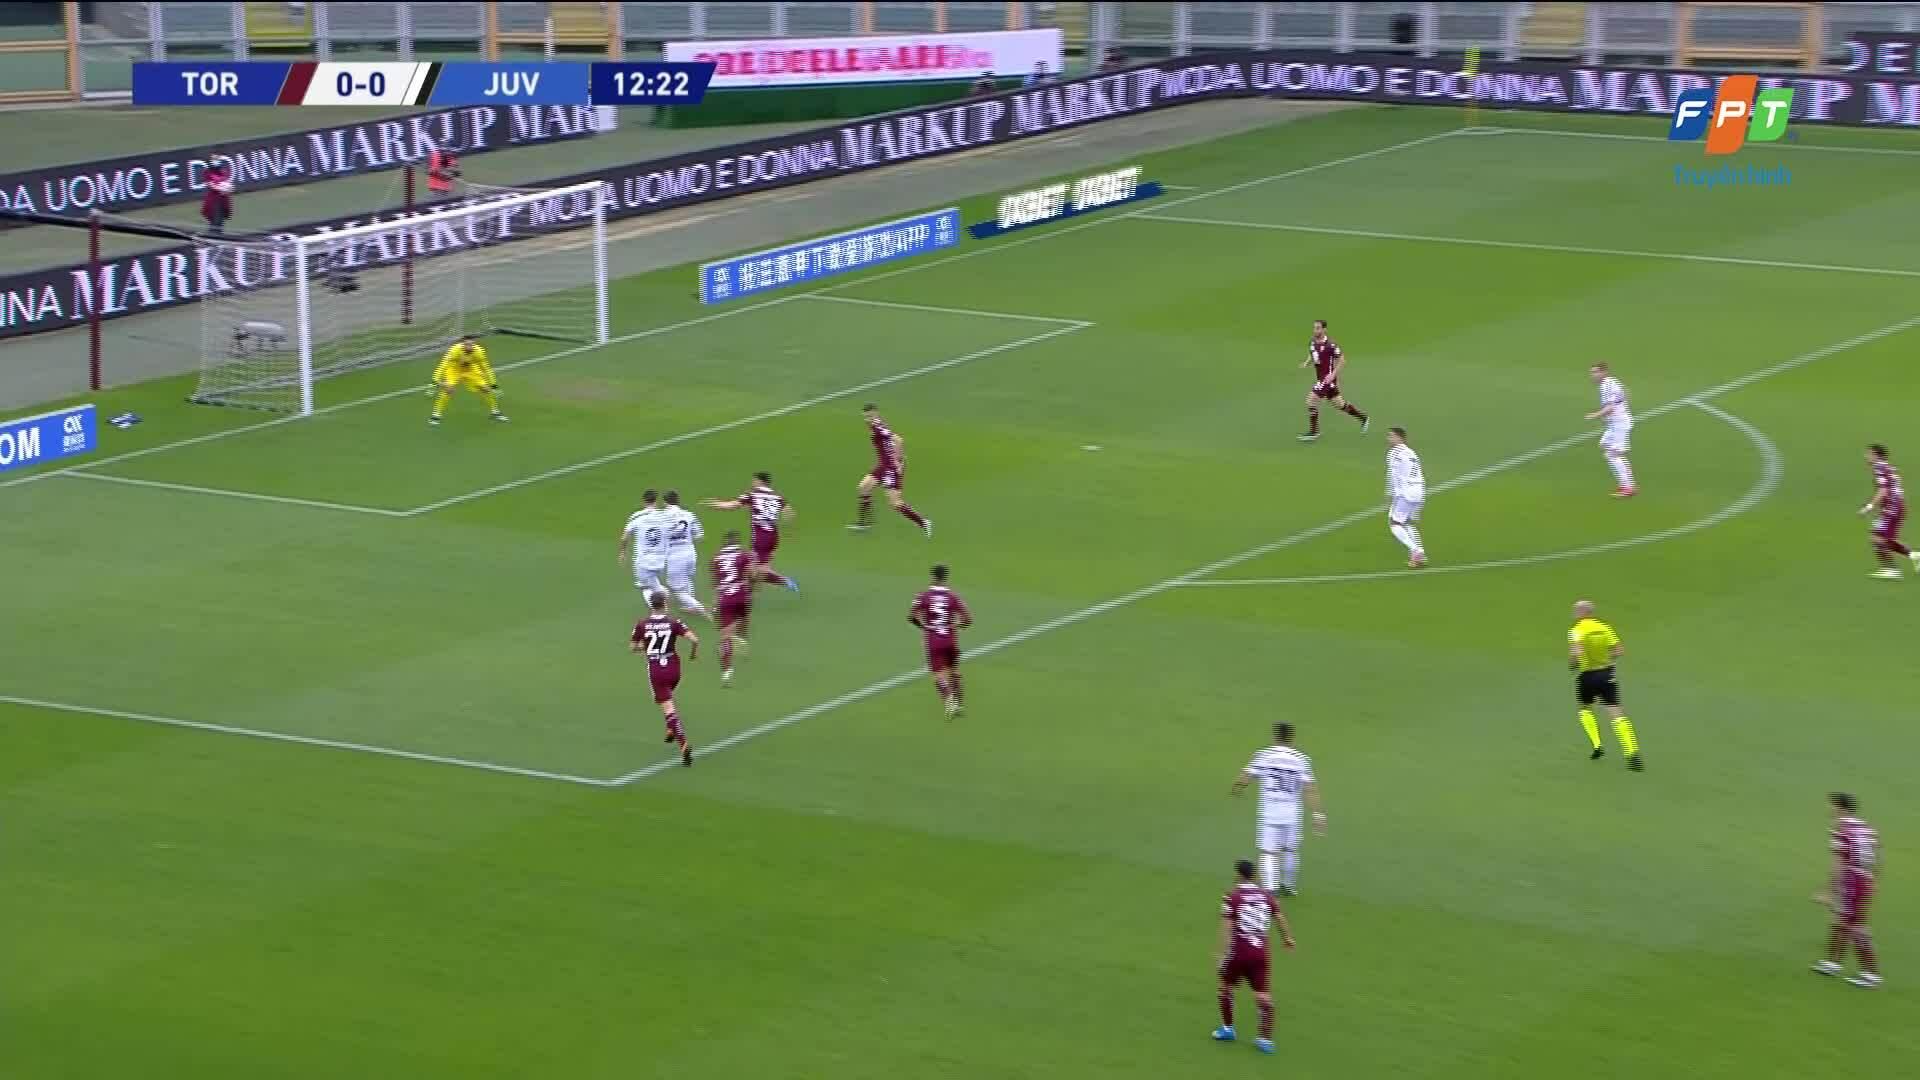 Torino 2-2 Juventus